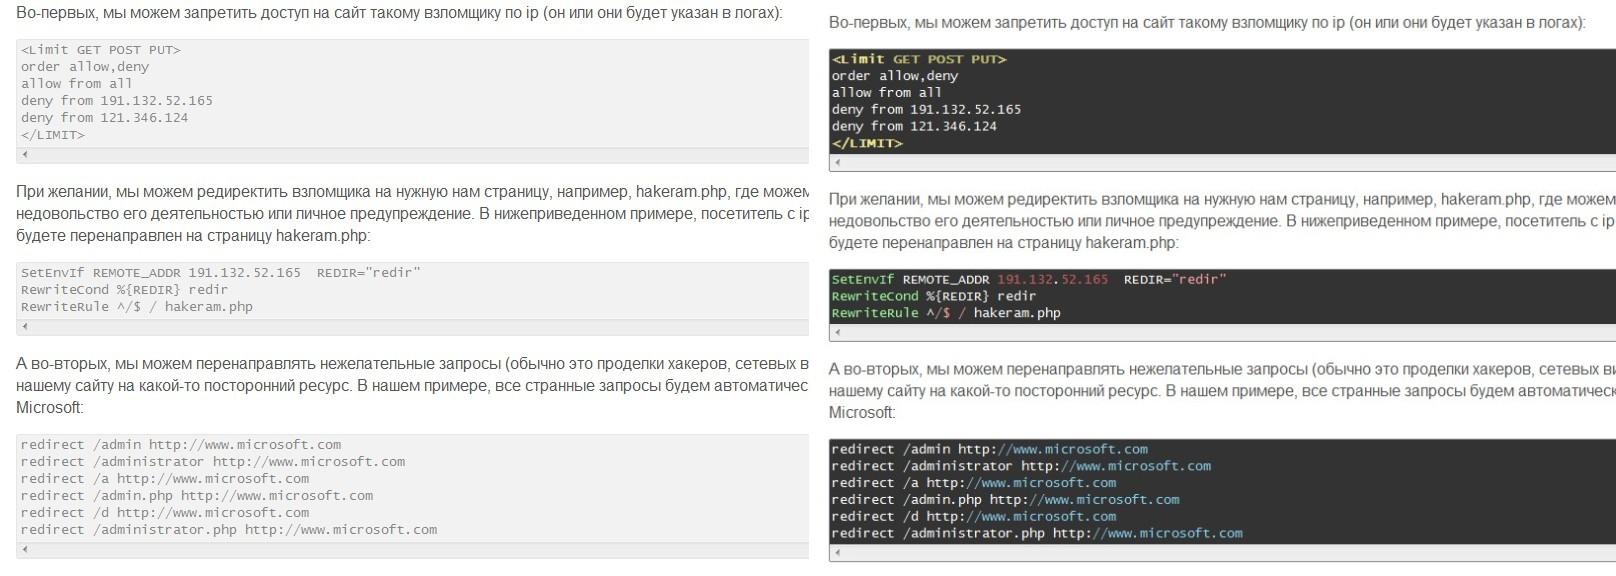 Пример с подсветкой и без подсветки синтаксиса